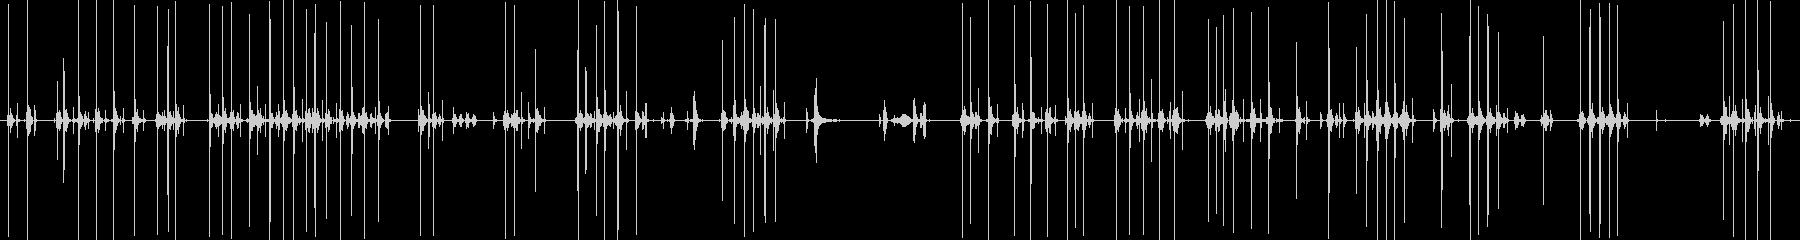 タイプライターのタイピング音(生録音)の未再生の波形